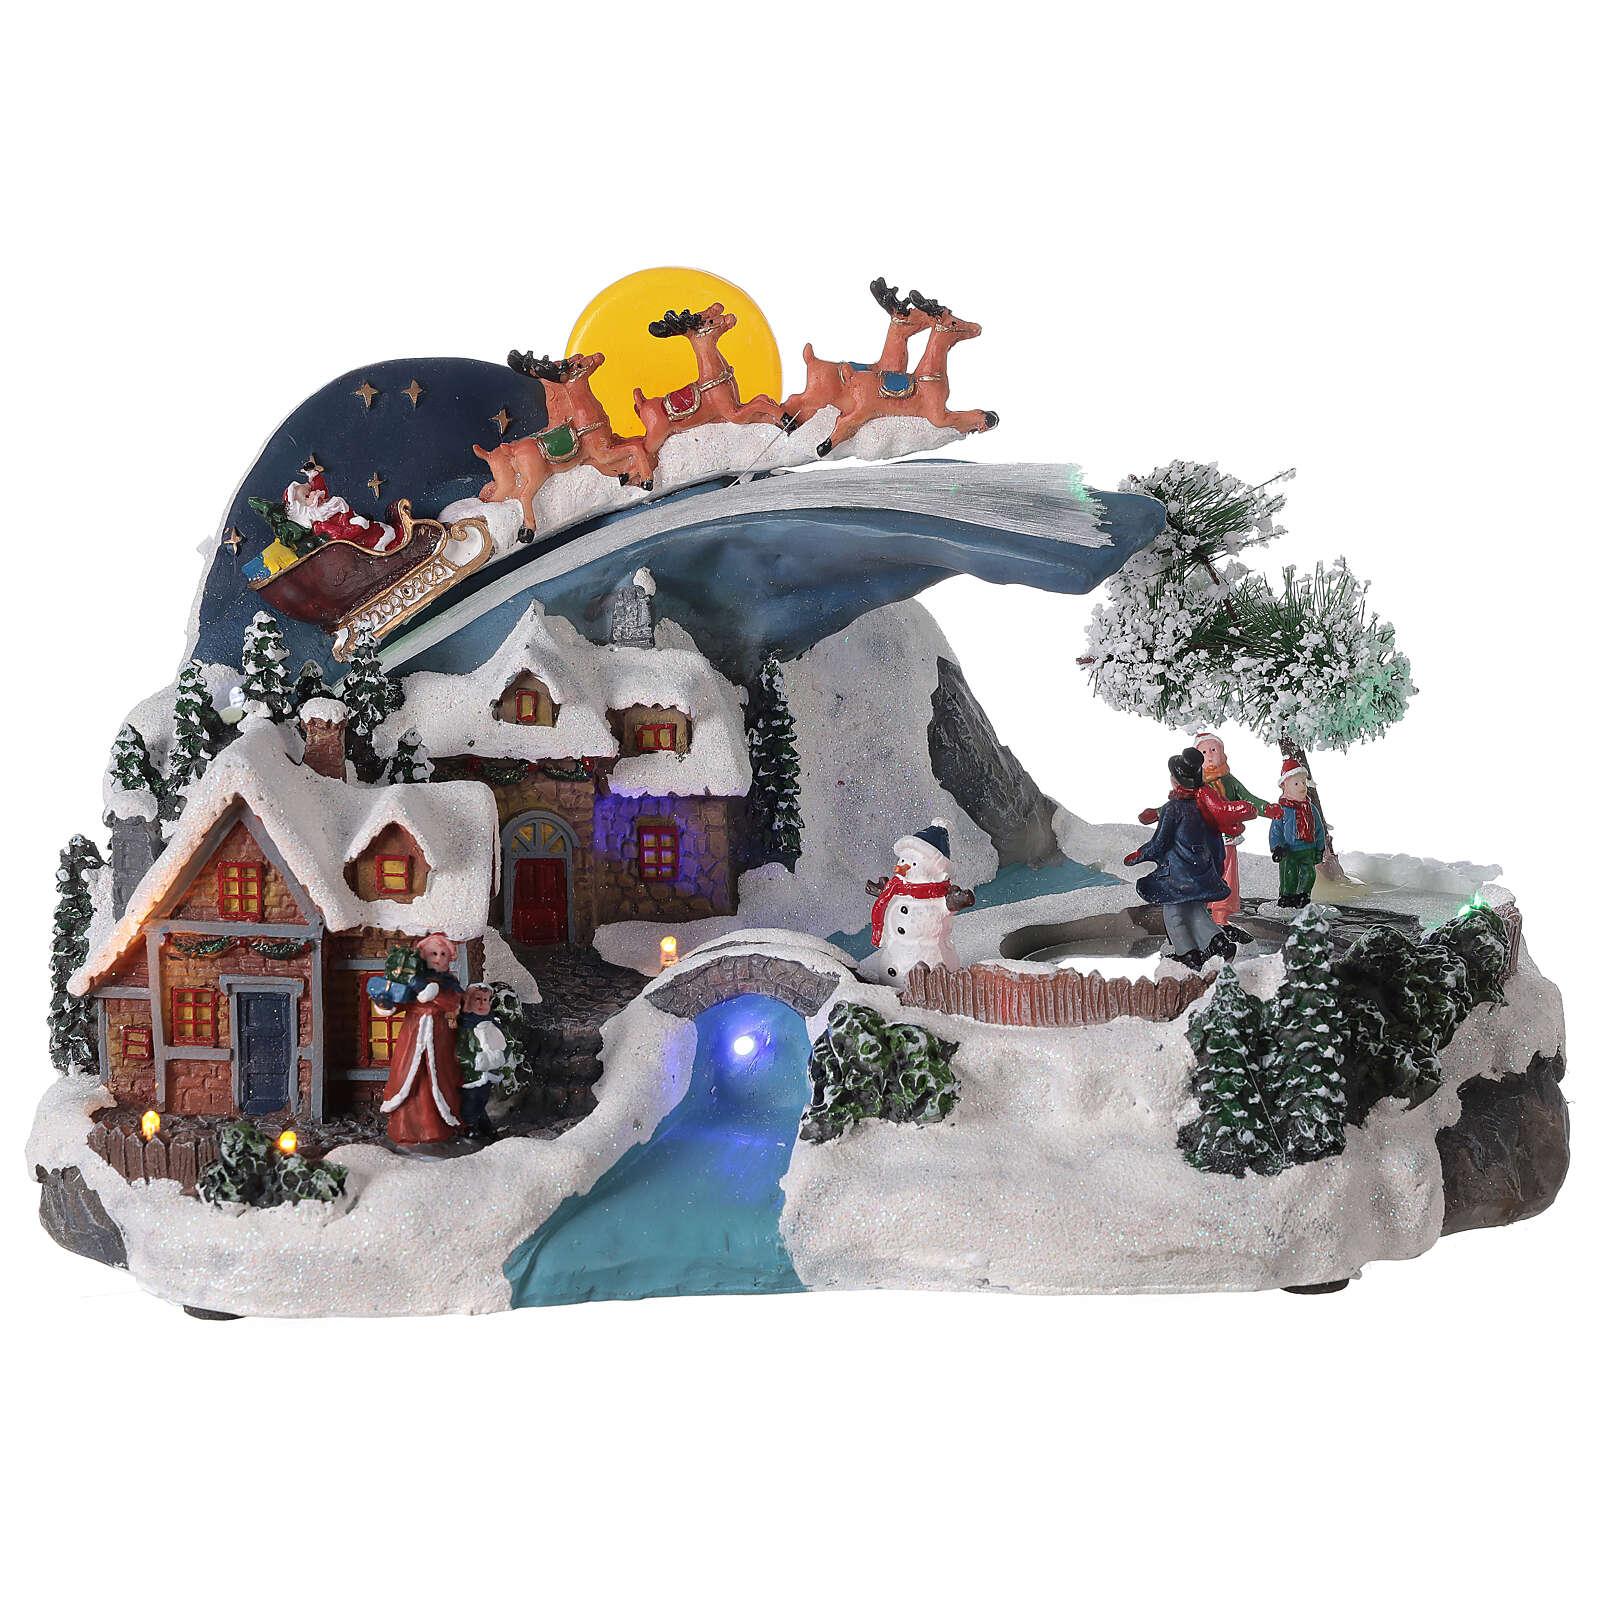 Village Noël traîneau Père Noël lune LED musique 20x35x20 cm 3